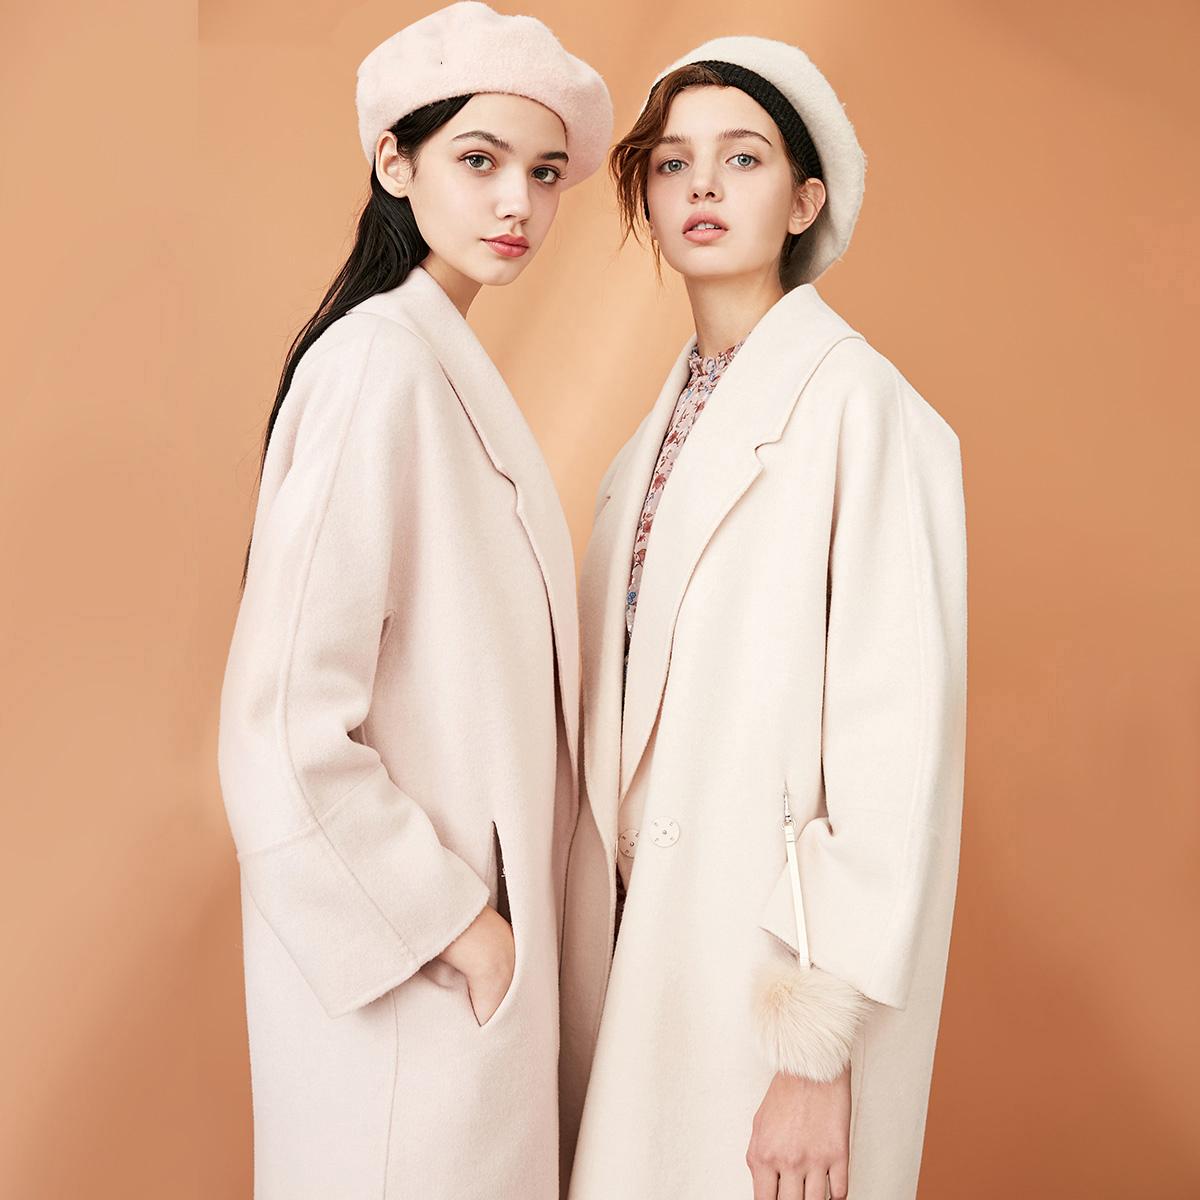 绫致Vero Moda春季女含羊毛翻领外套中长款毛呢大衣 319127504